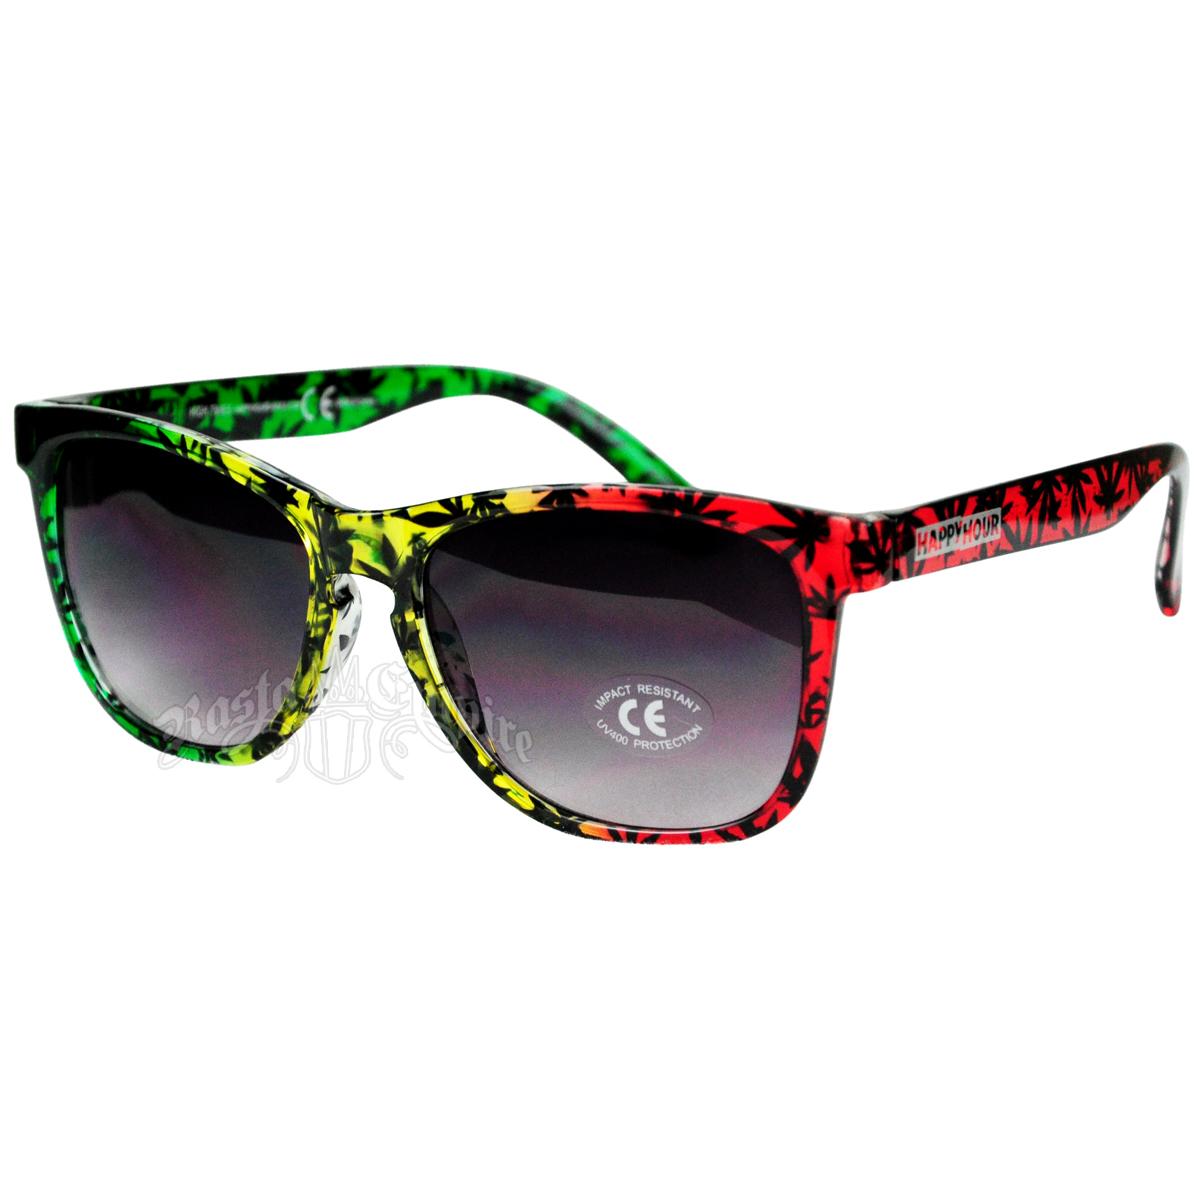 d8a0565e72606 Rasta and Reggae Sunglasses at RastaEmpire.com